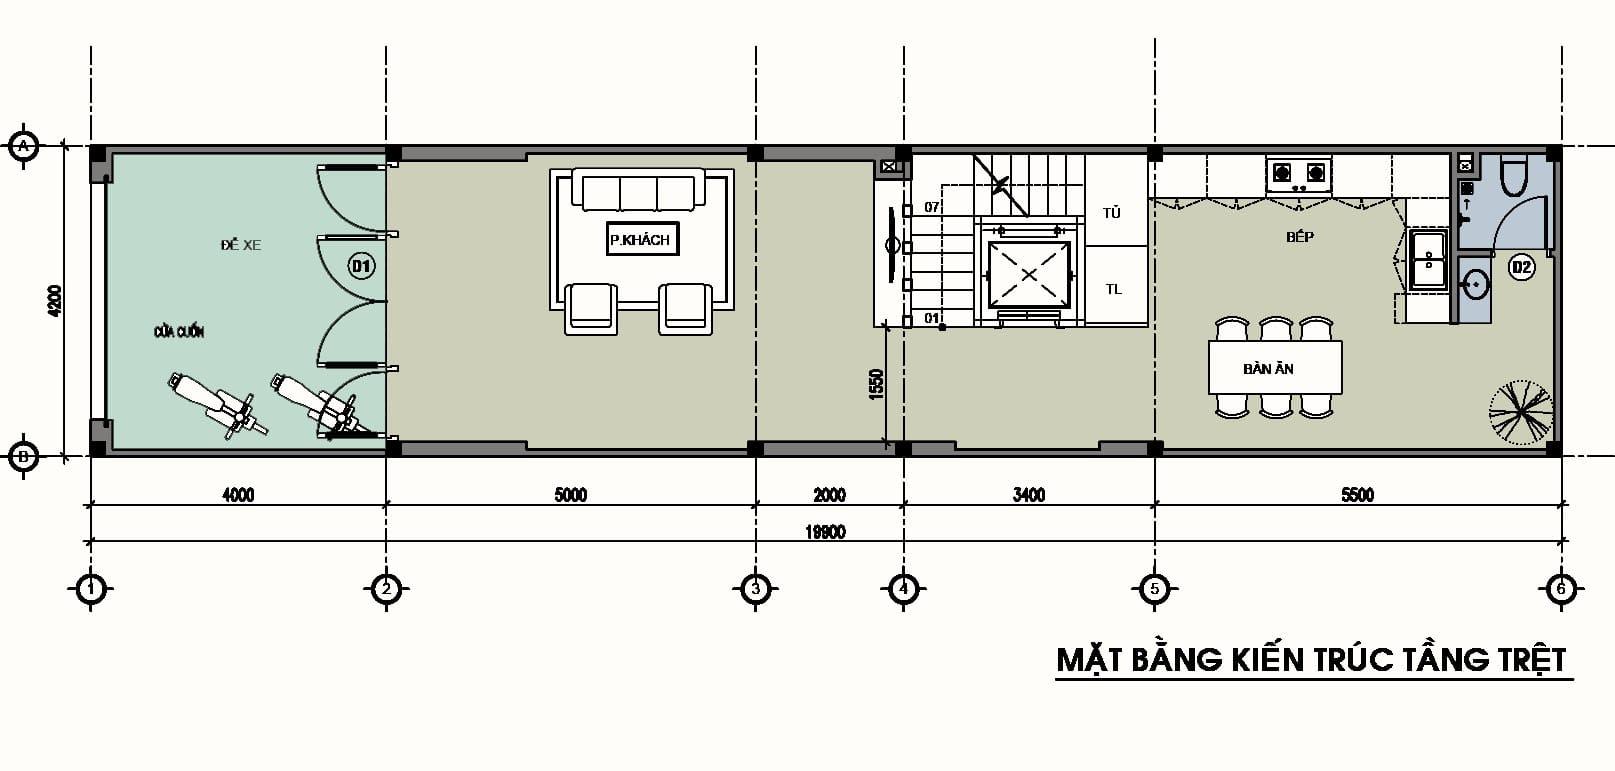 Ví dụ mặt bằng tầng trệt nhà phố có nhà vệ sinh đặt cuối nhà.